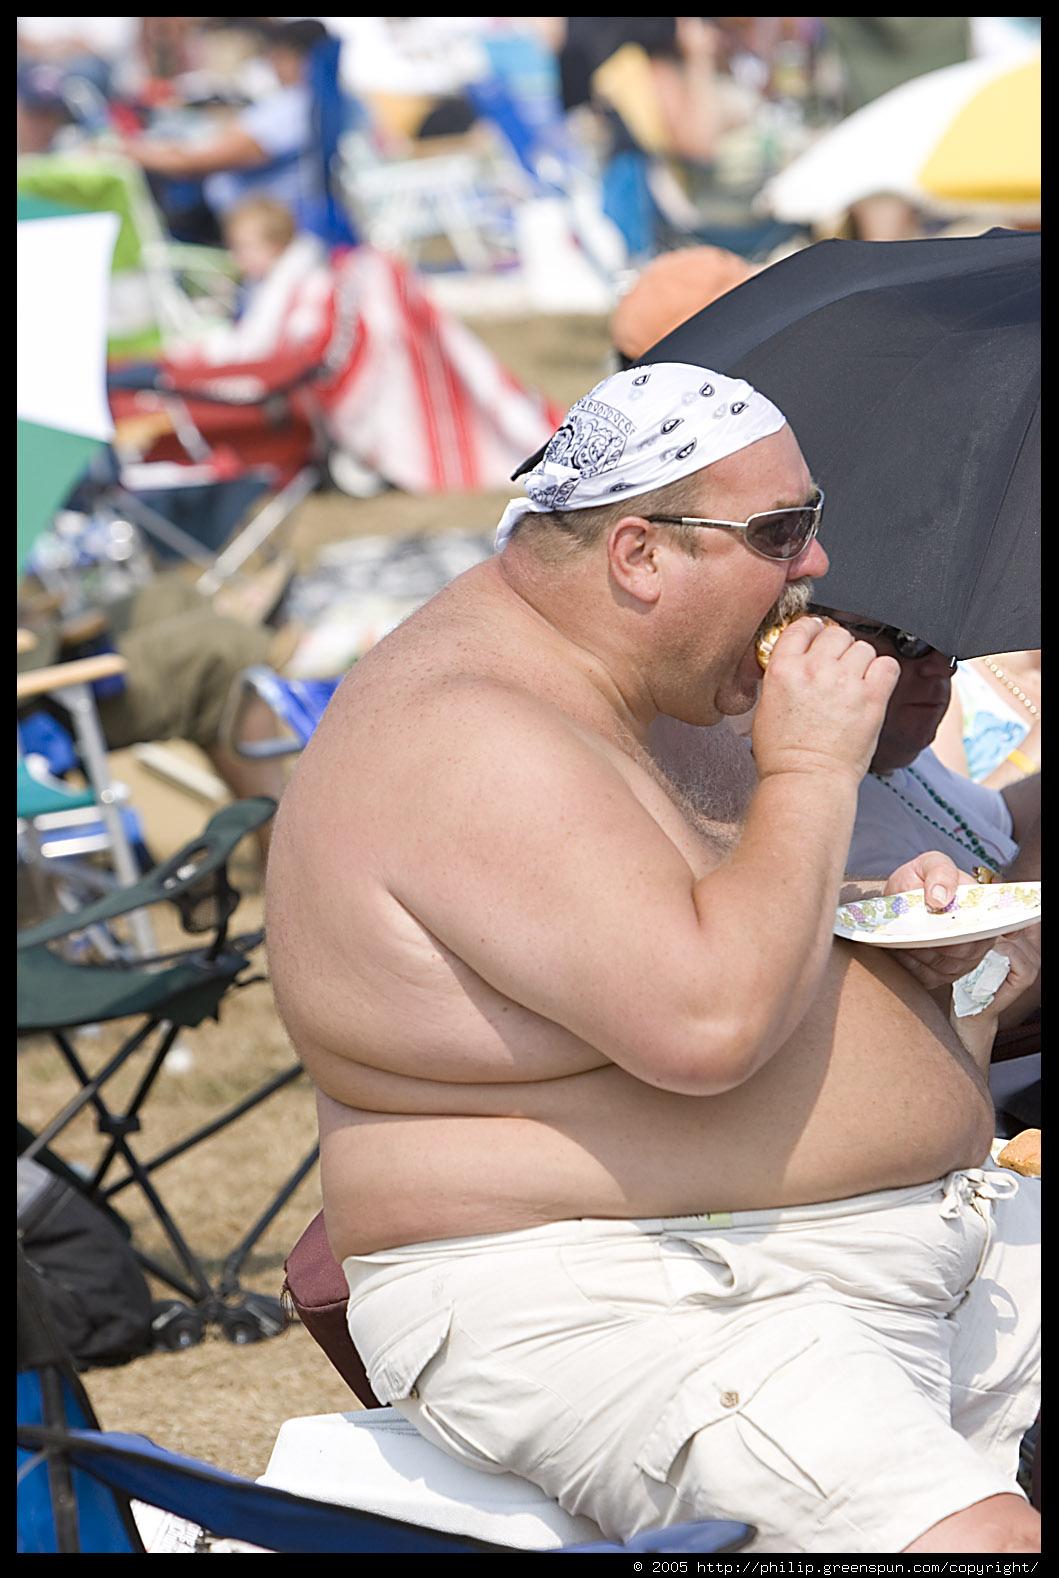 Fogyózni kezdett, mert kicsúfolták a trolin, 50 kilót akar fogyni - Blikk Rúzs